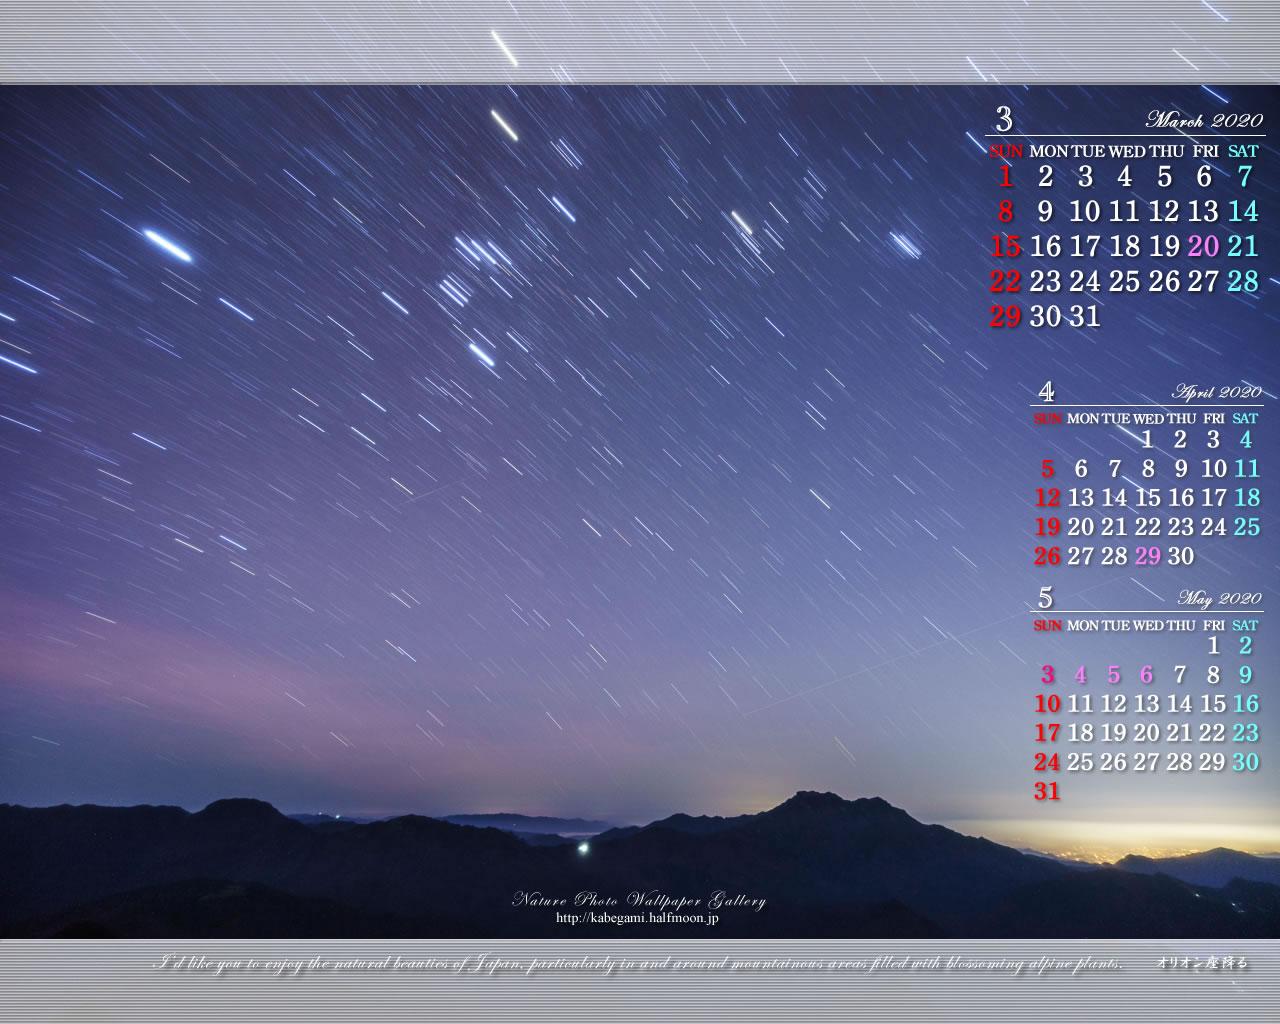 年3月カレンダー壁紙 山岳星景写真 1 ネイチャーフォト壁紙館